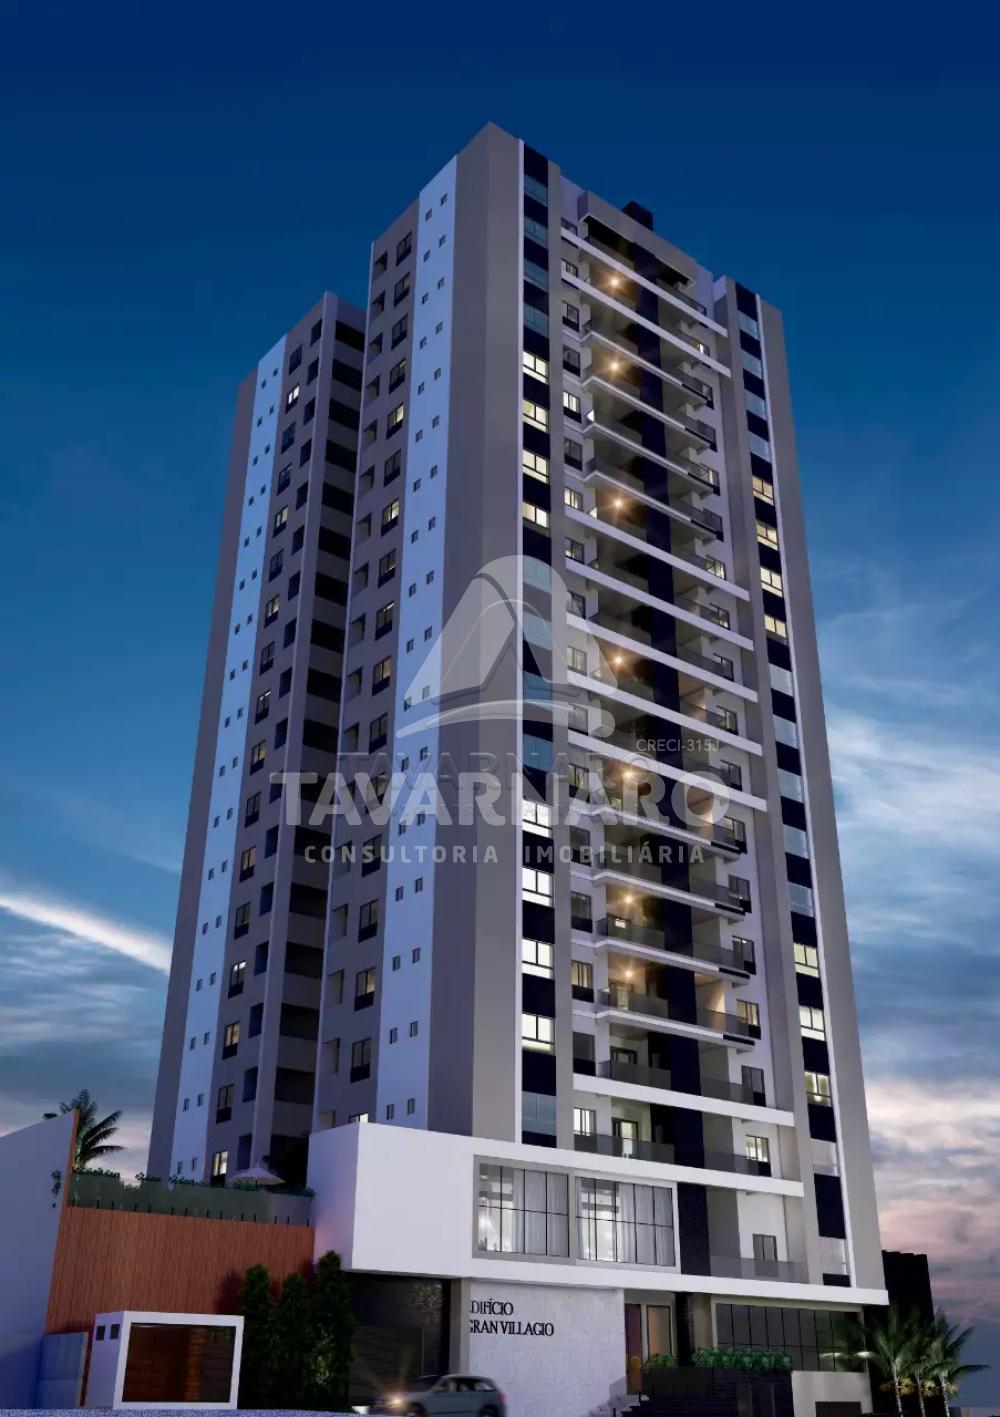 Comprar Apartamento / Padrão em Ponta Grossa R$ 627.500,00 - Foto 1